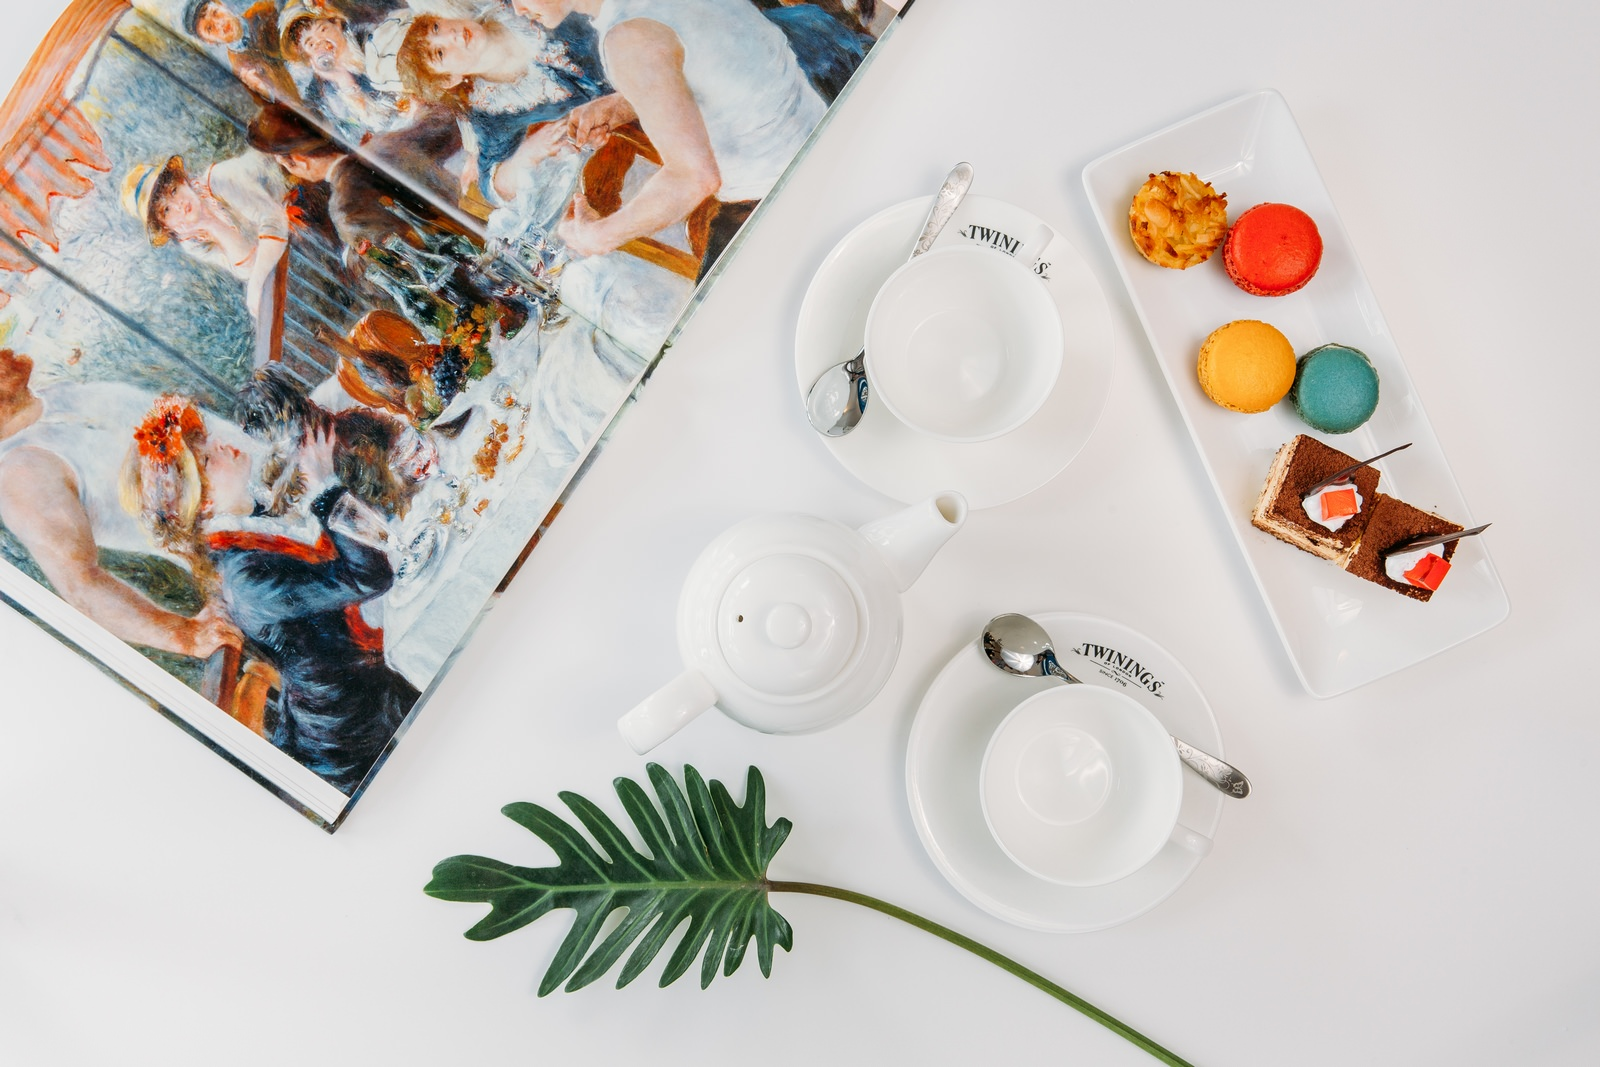 Chup anh mon an food stylist %C4%91a nang prince production5 - Chụp ảnh quảng cáo Đà Nẵng